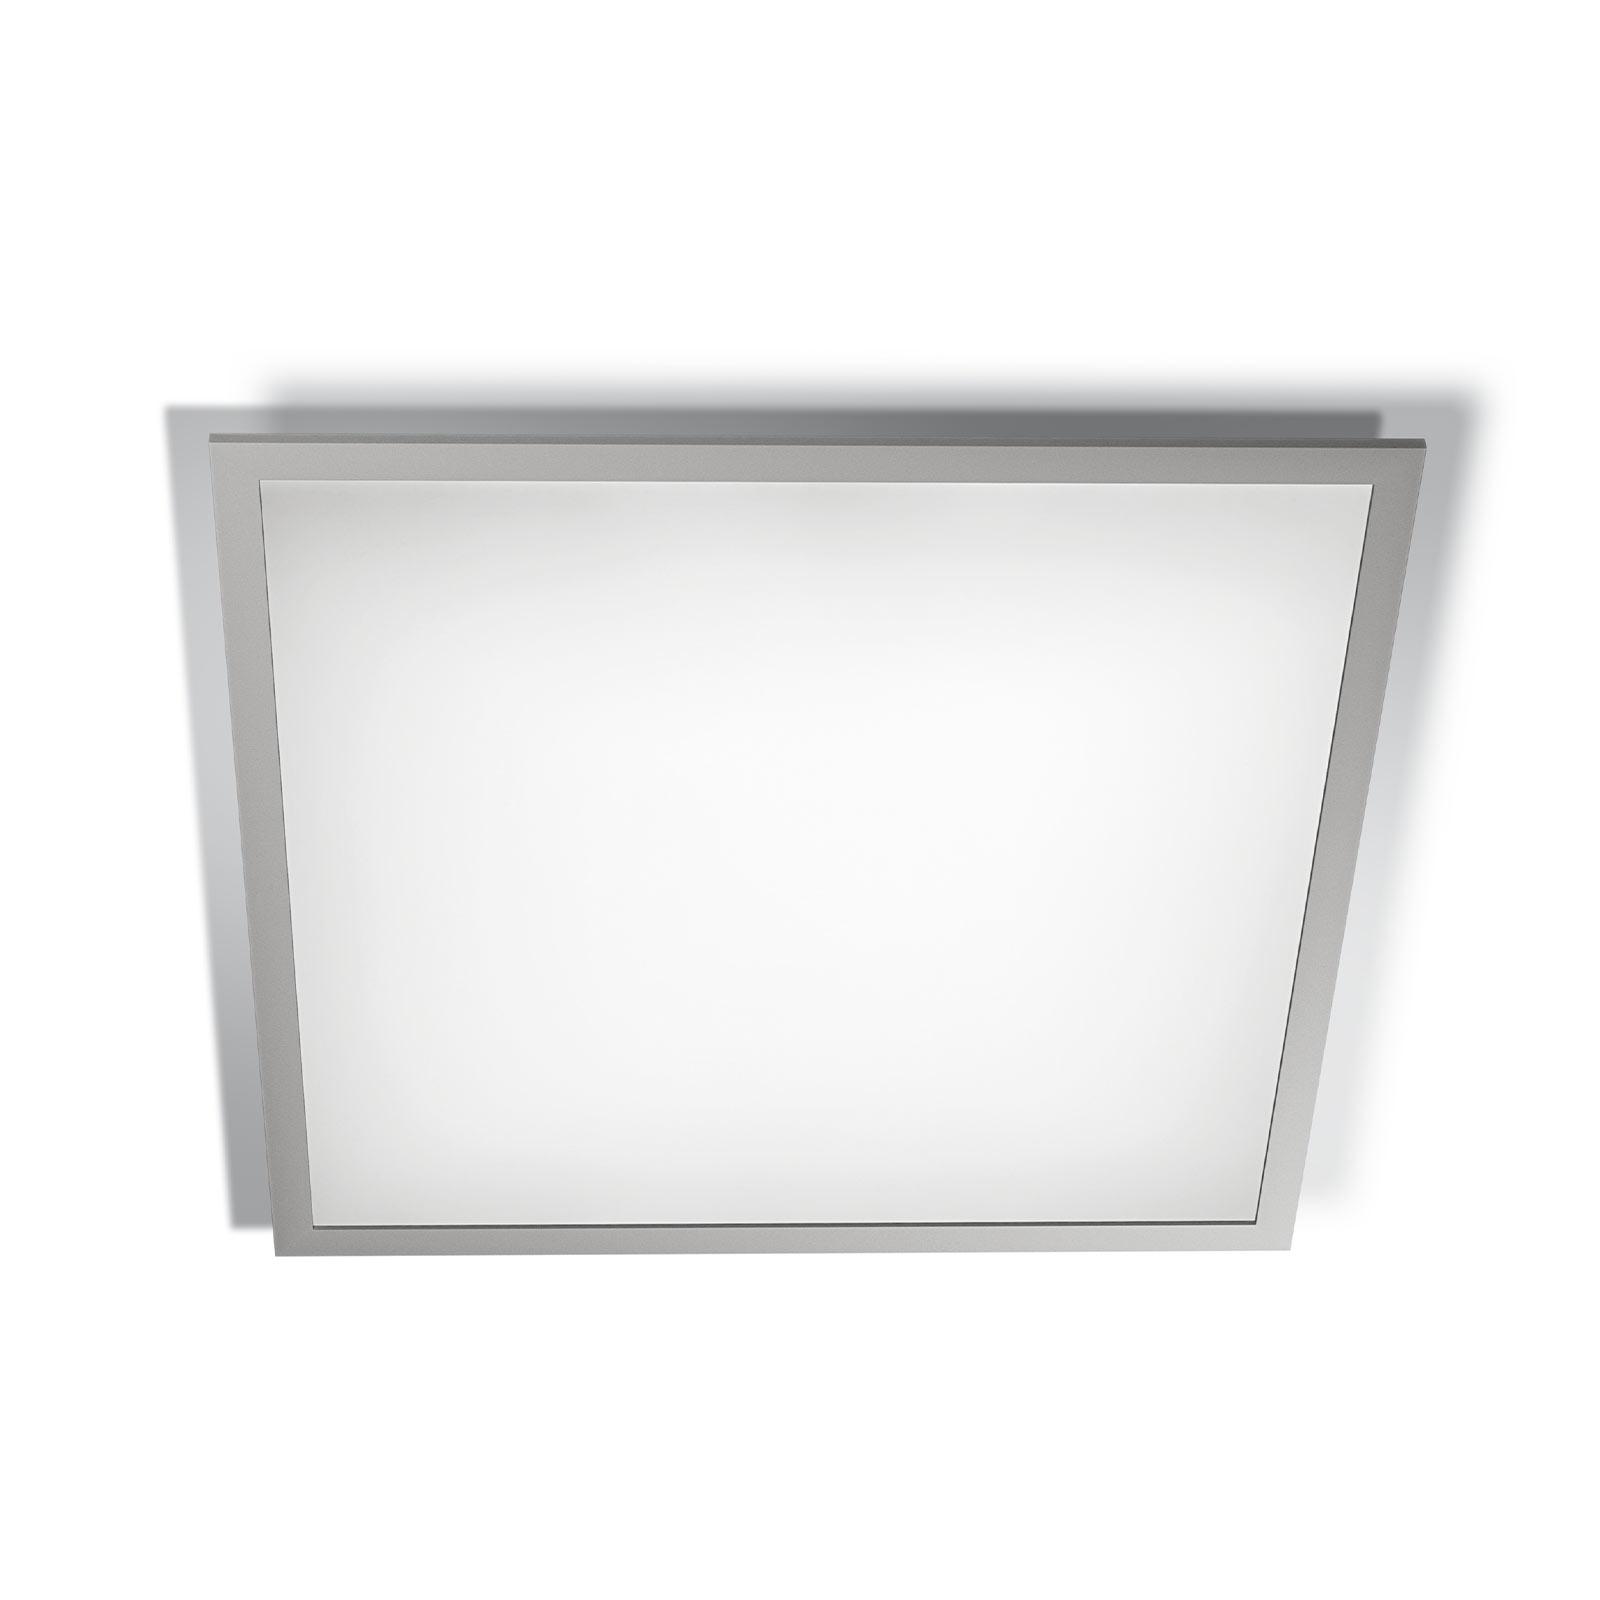 LEDVANCE Planon Plus panneau LED 60x60cm 830 36W